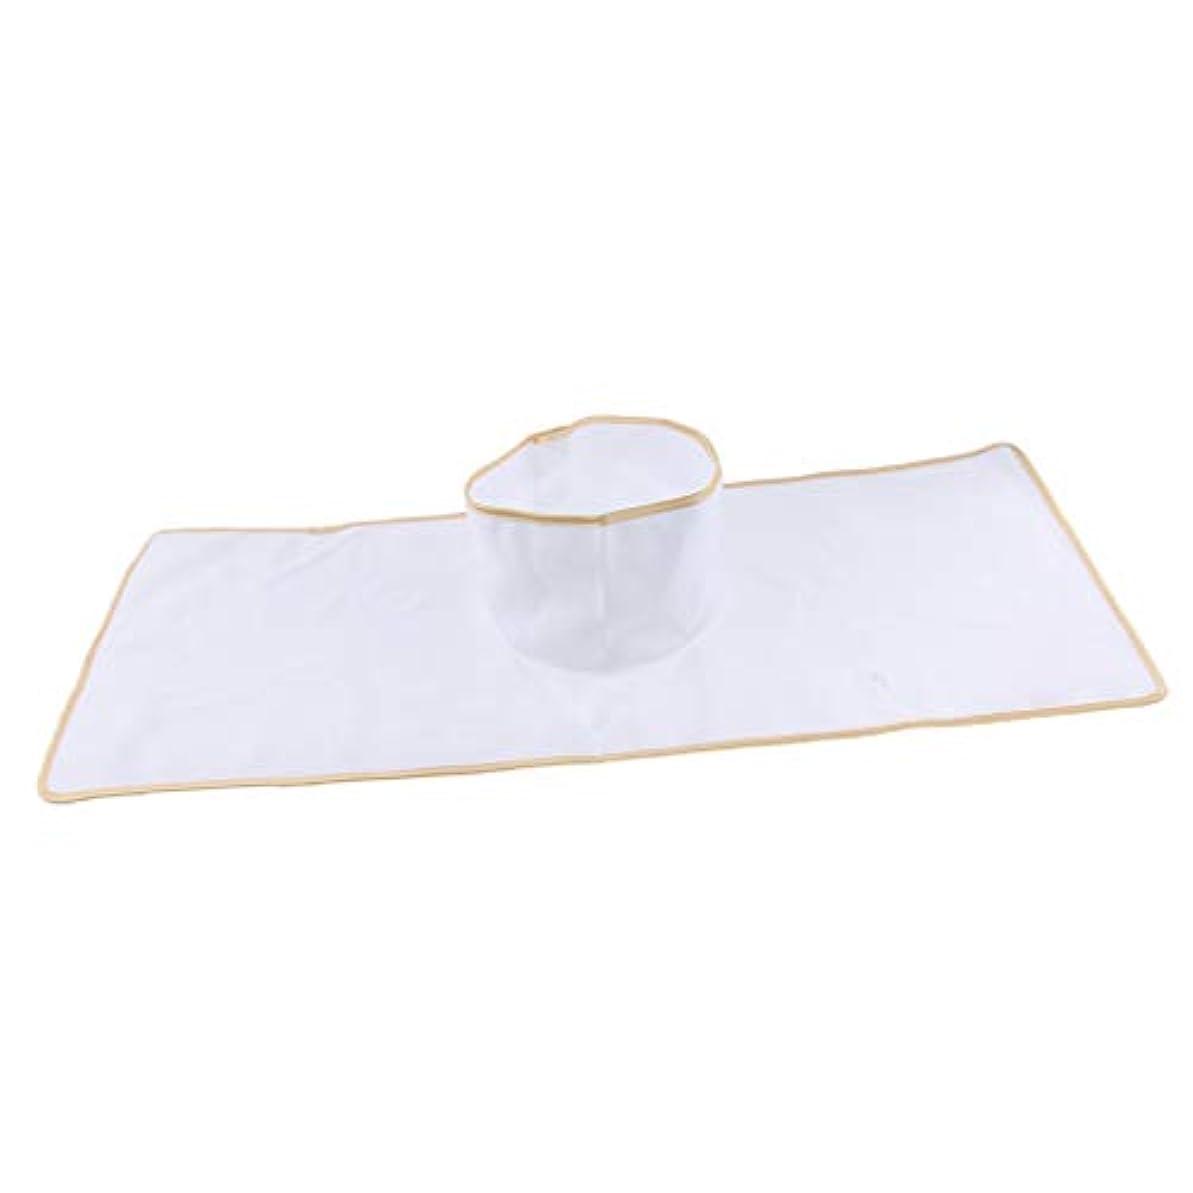 乱暴な強化バスD DOLITY サロン マッサージベッドシート 穴付き 衛生パッド 再使用可能 約90×35cm 全3色 - 白